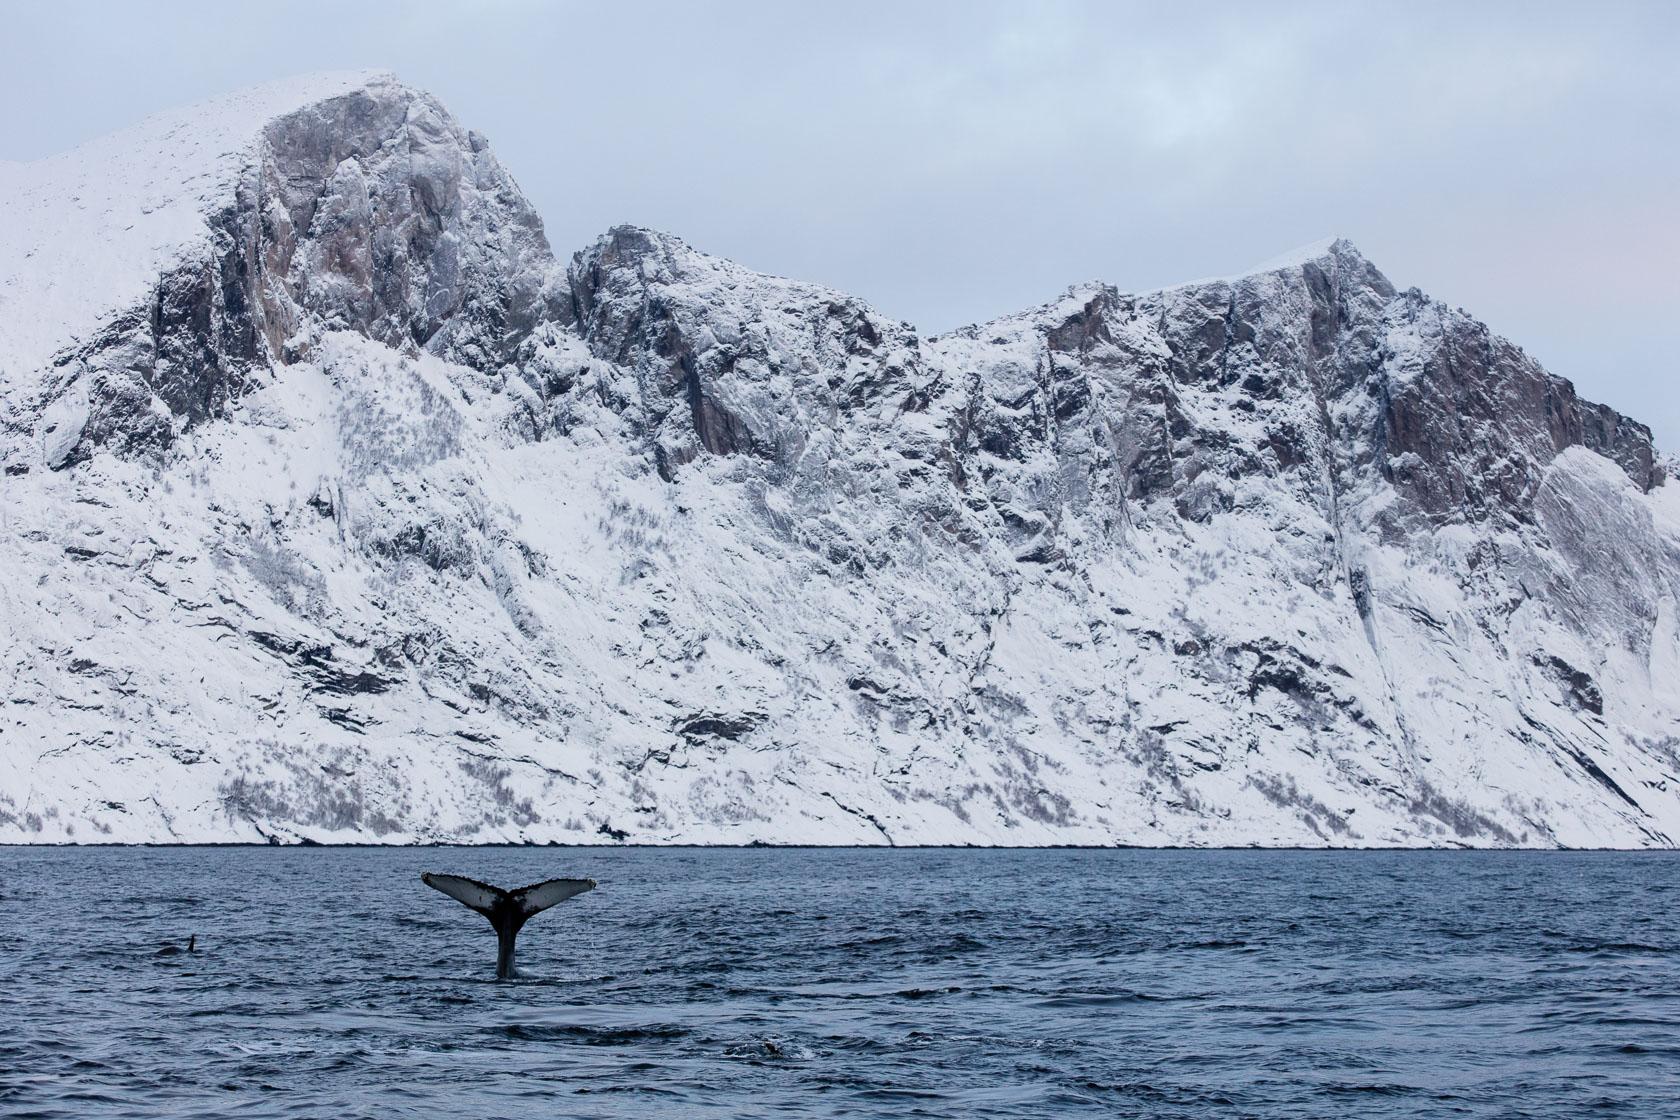 Baleine à bosses (Megaptera novaeangliae) dans un fjord de Senja, durant un voyage photo en Norvège